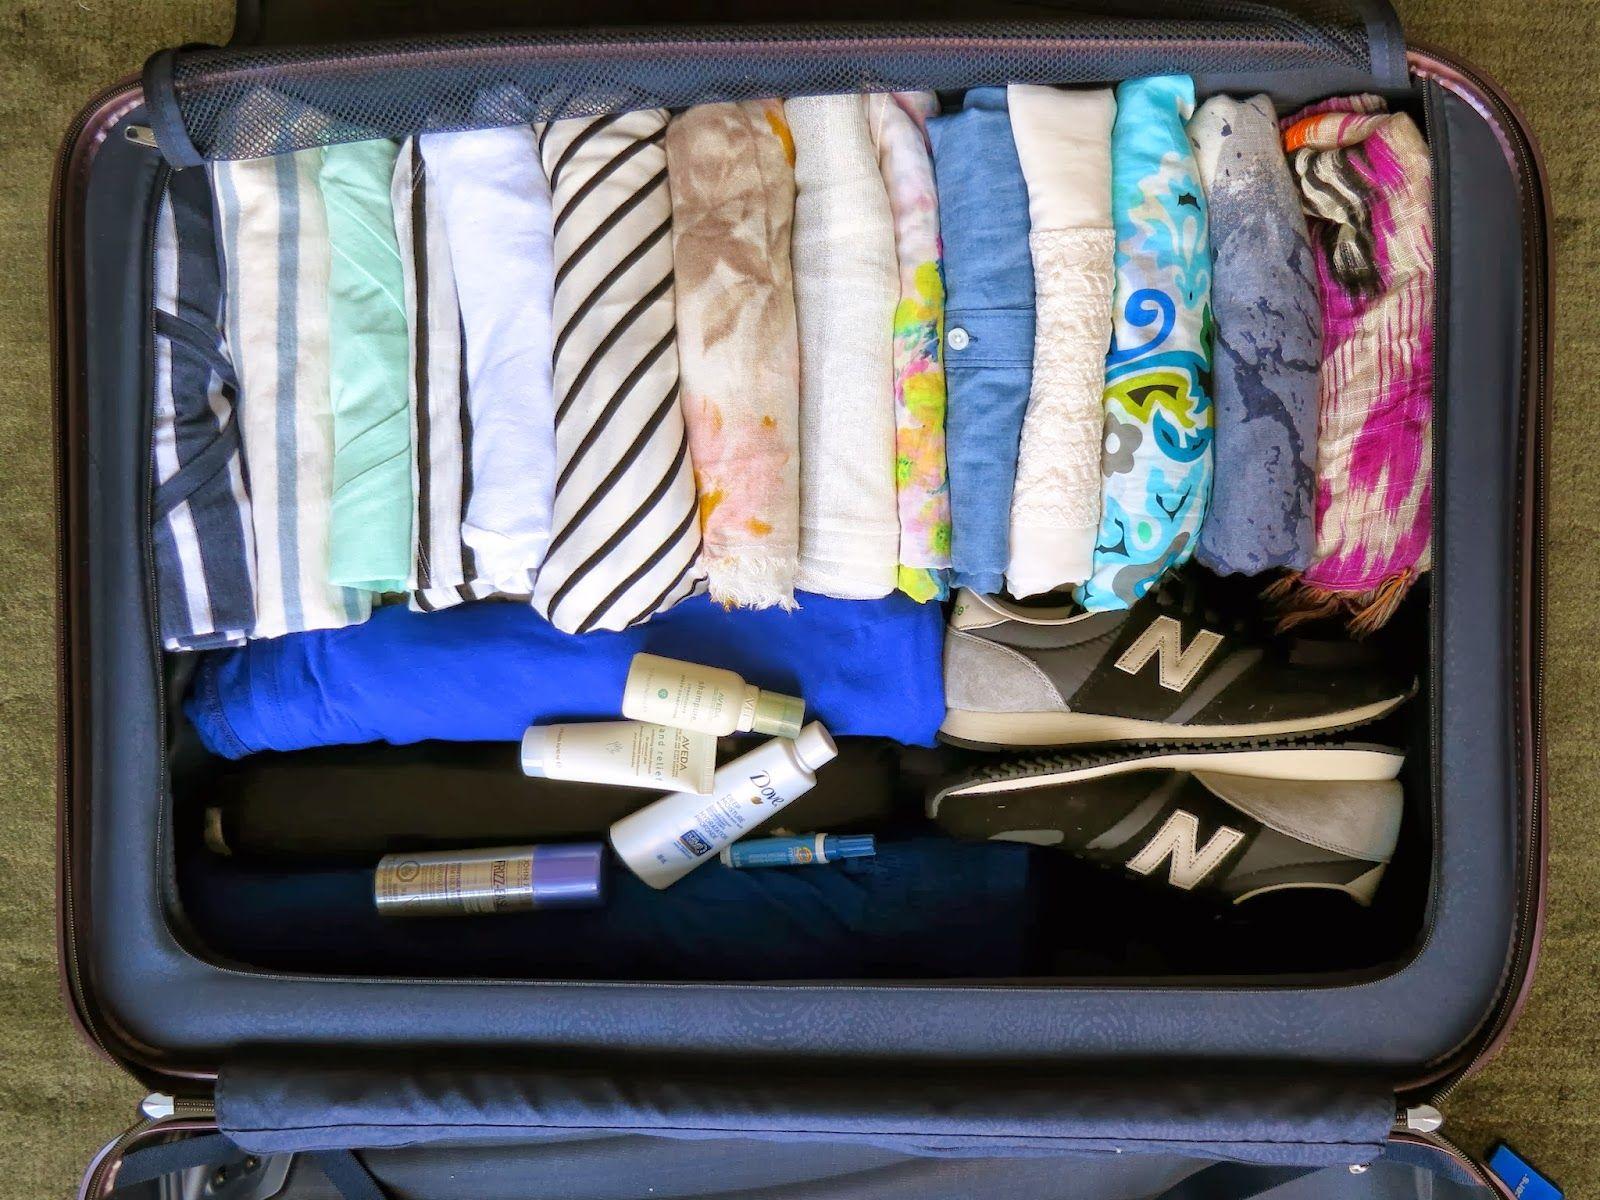 постельное бельё в чемодане